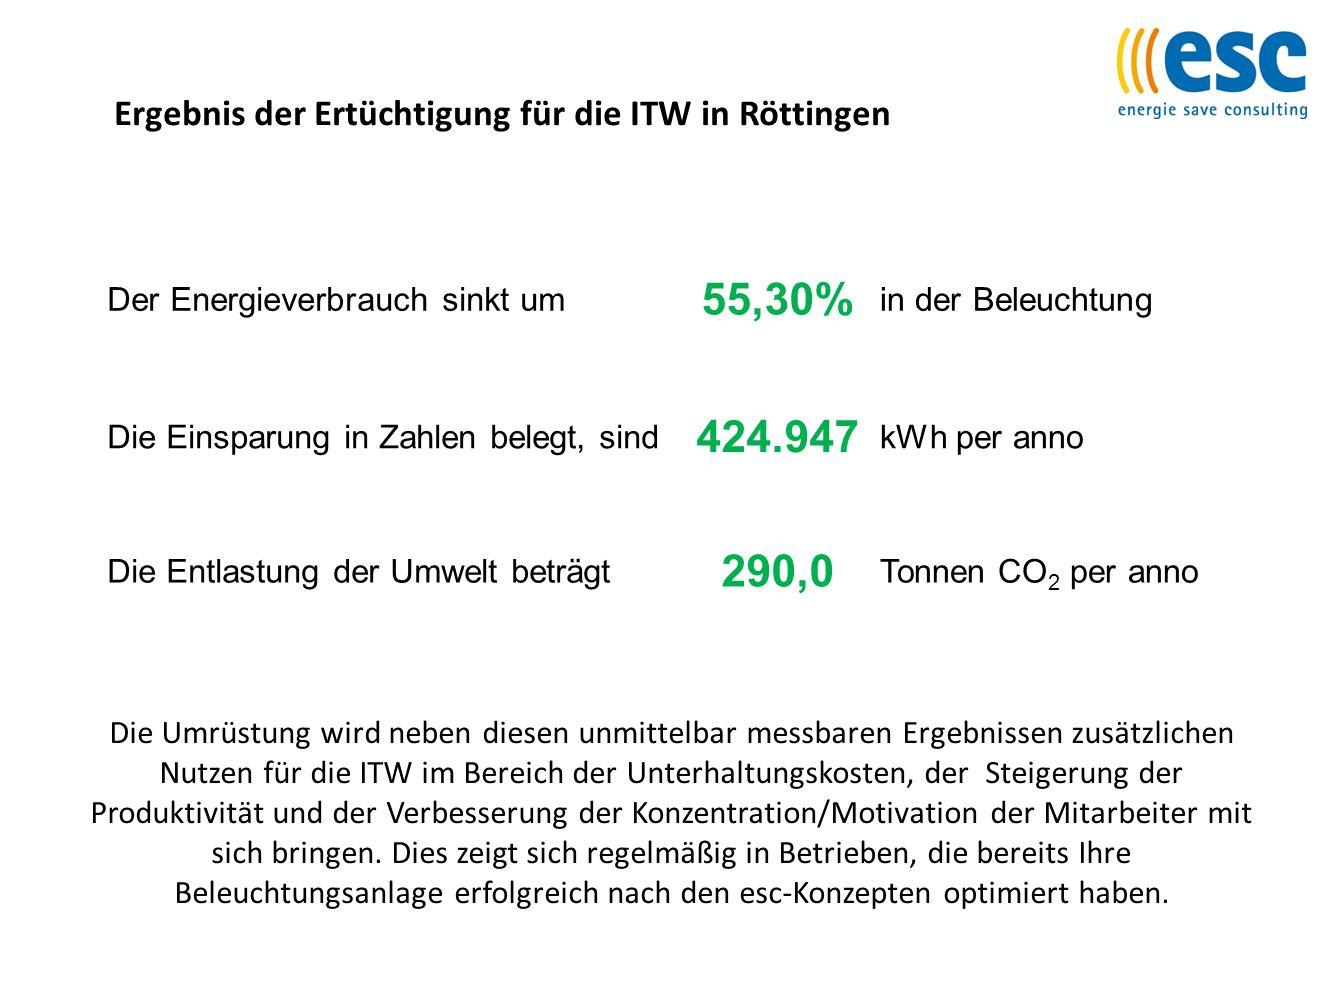 Ergebnis der Ertüchtigung für die ITW in Röttingen